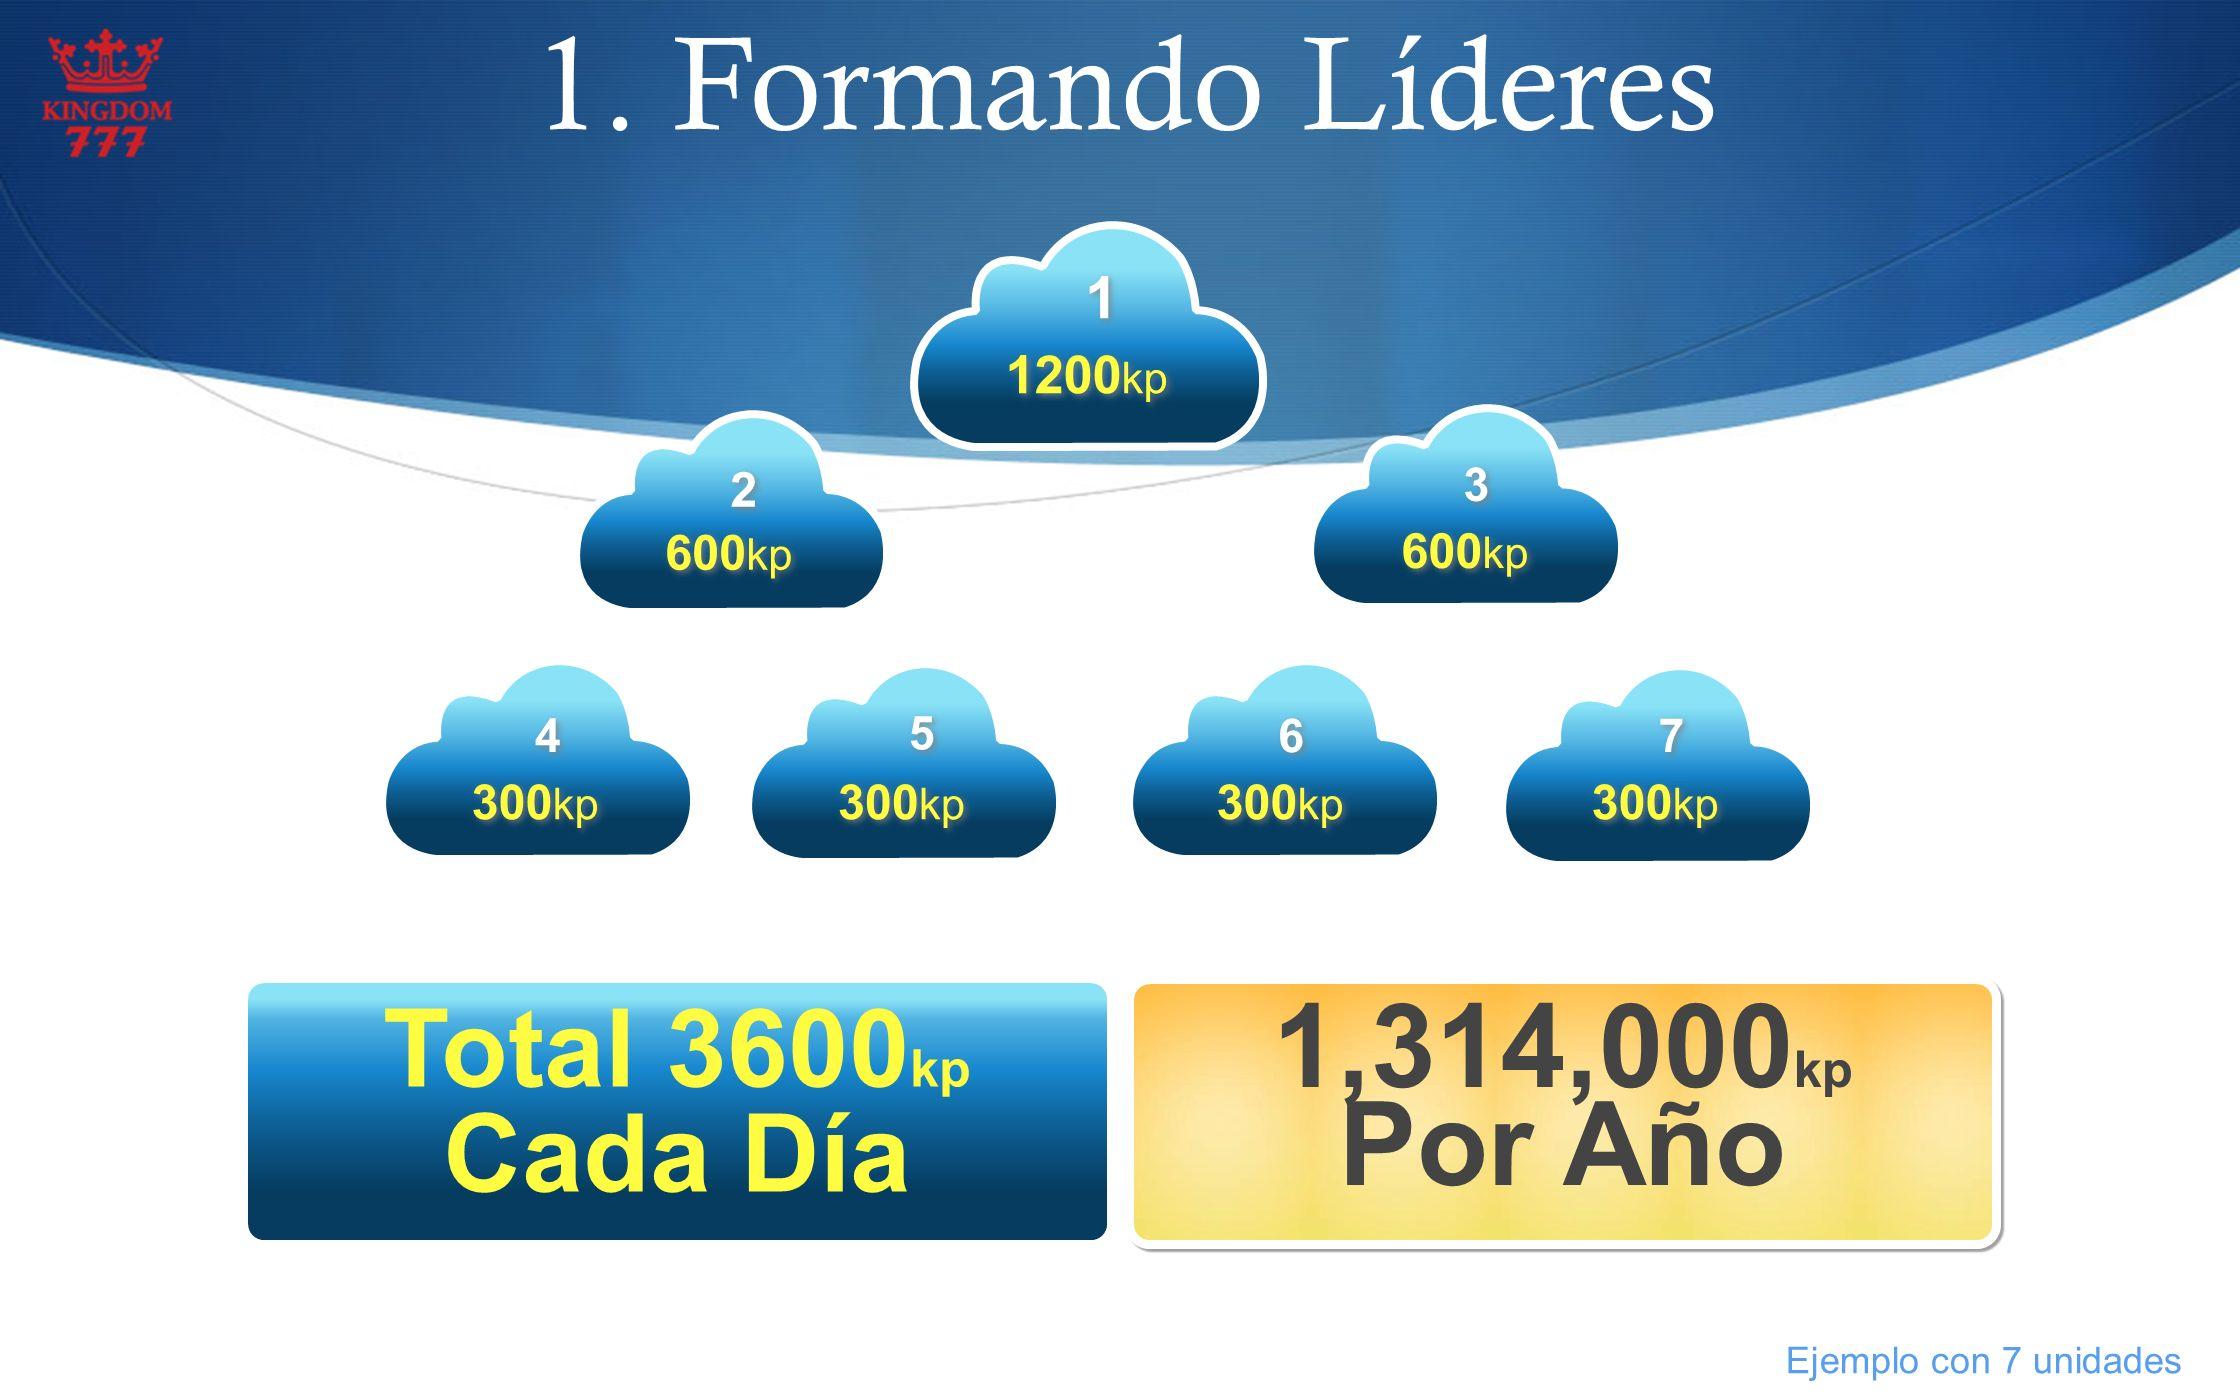 1. Formando Líderes 1,314,000kp Por Año Total 3600kp Cada Día 1 1200kp